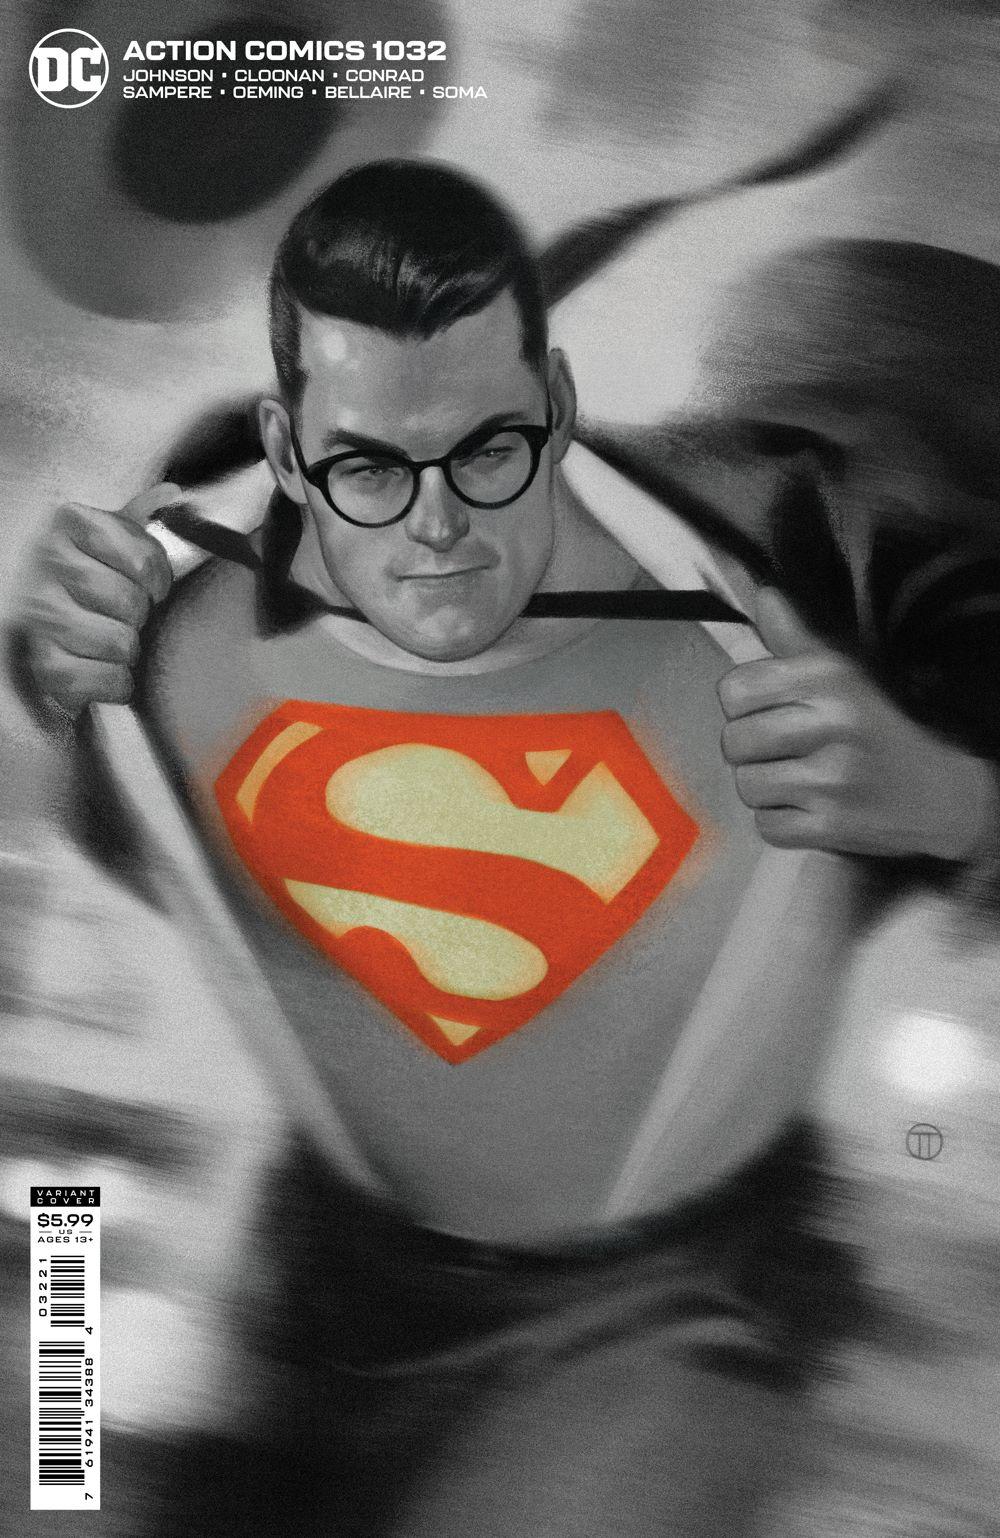 ACTIONCOMICS_Cv1032_var DC Comics June 2021 Solicitations